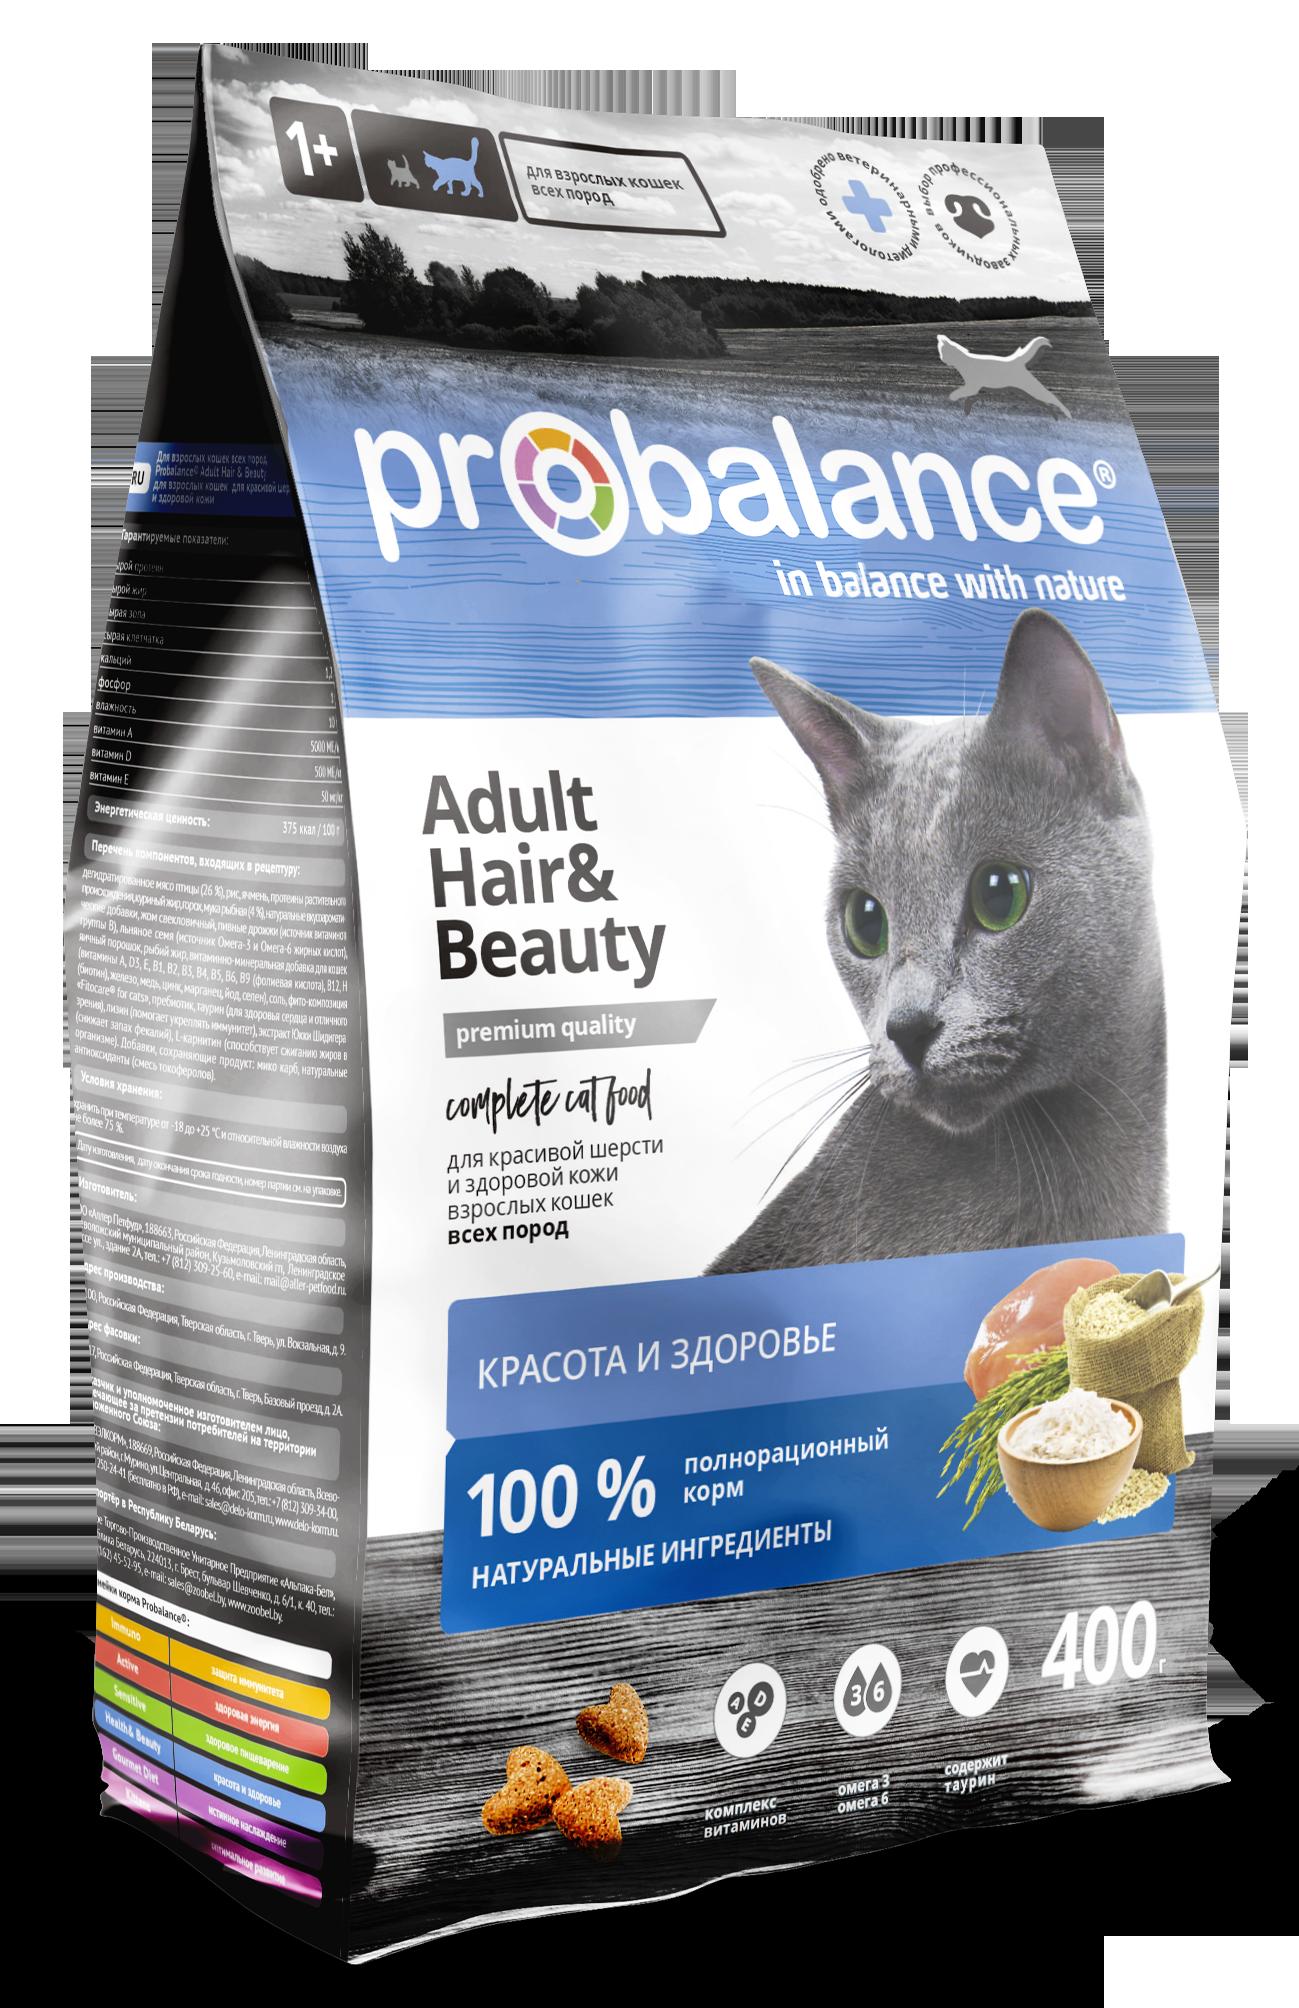 ProBalance Корм для кошек ProBalance Hair & Beauty для красоты и здоровья шерсти и кожи 400_PB_cat_Hair_Beauty.png